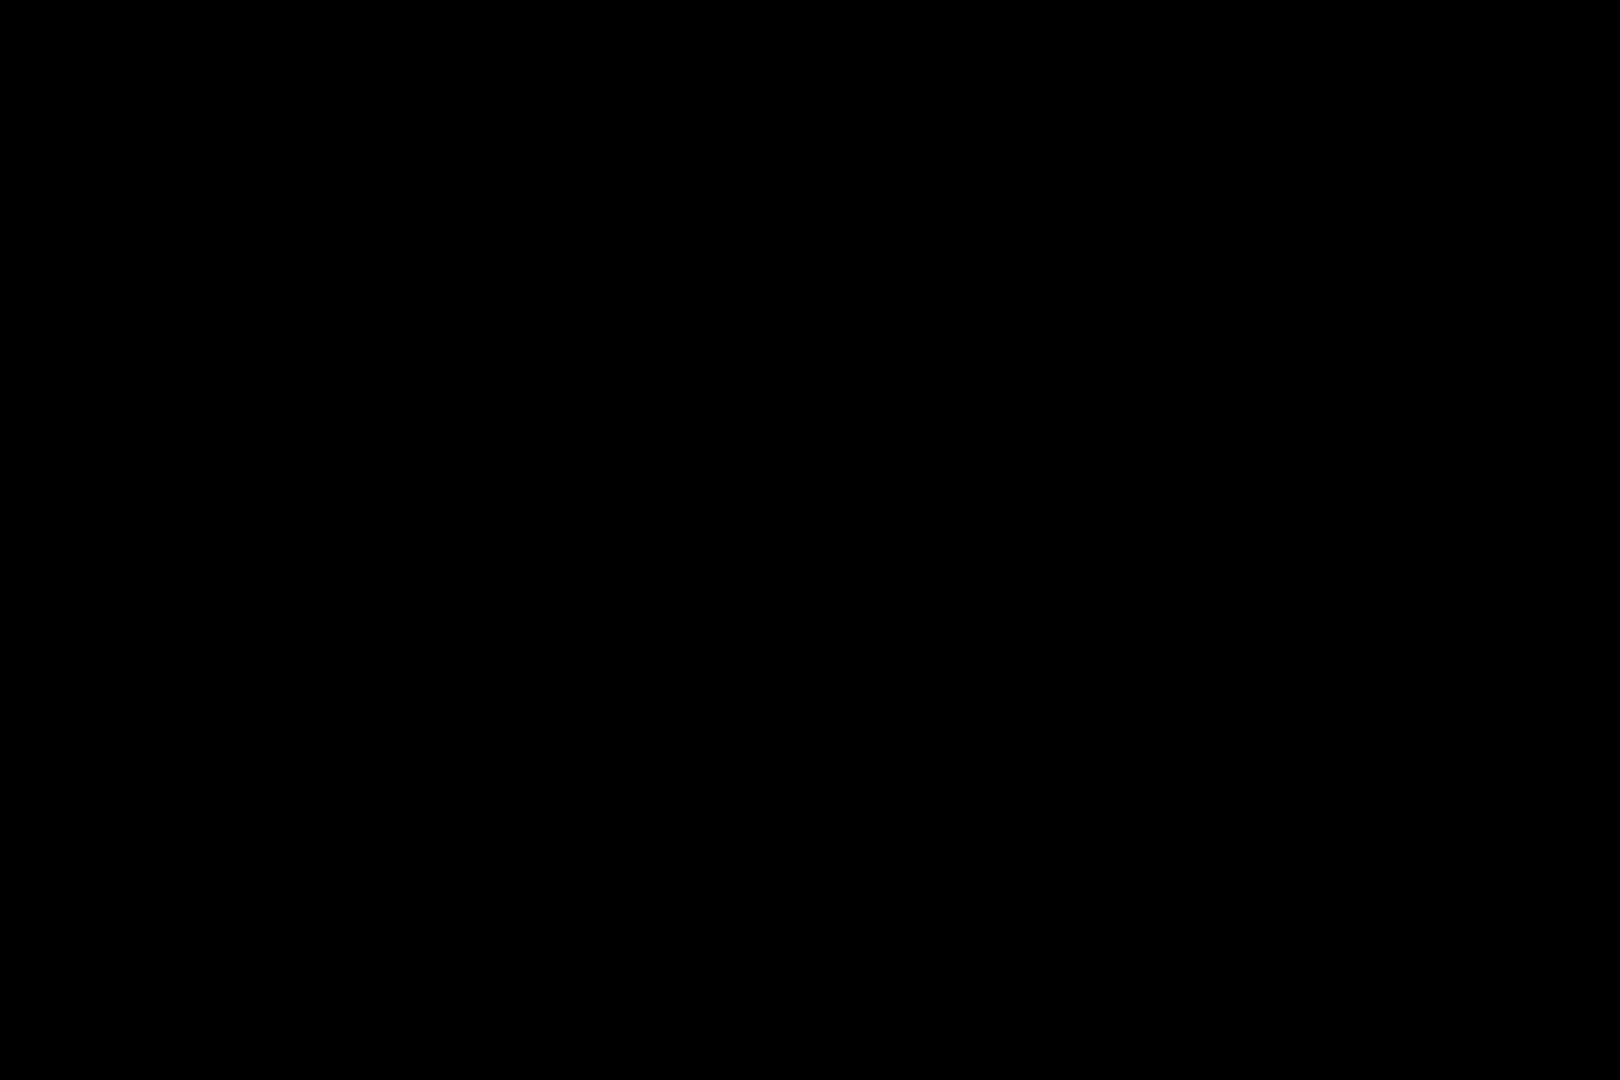 充血監督の深夜の運動会Vol.136 OLセックス 盗撮オマンコ無修正動画無料 100画像 29